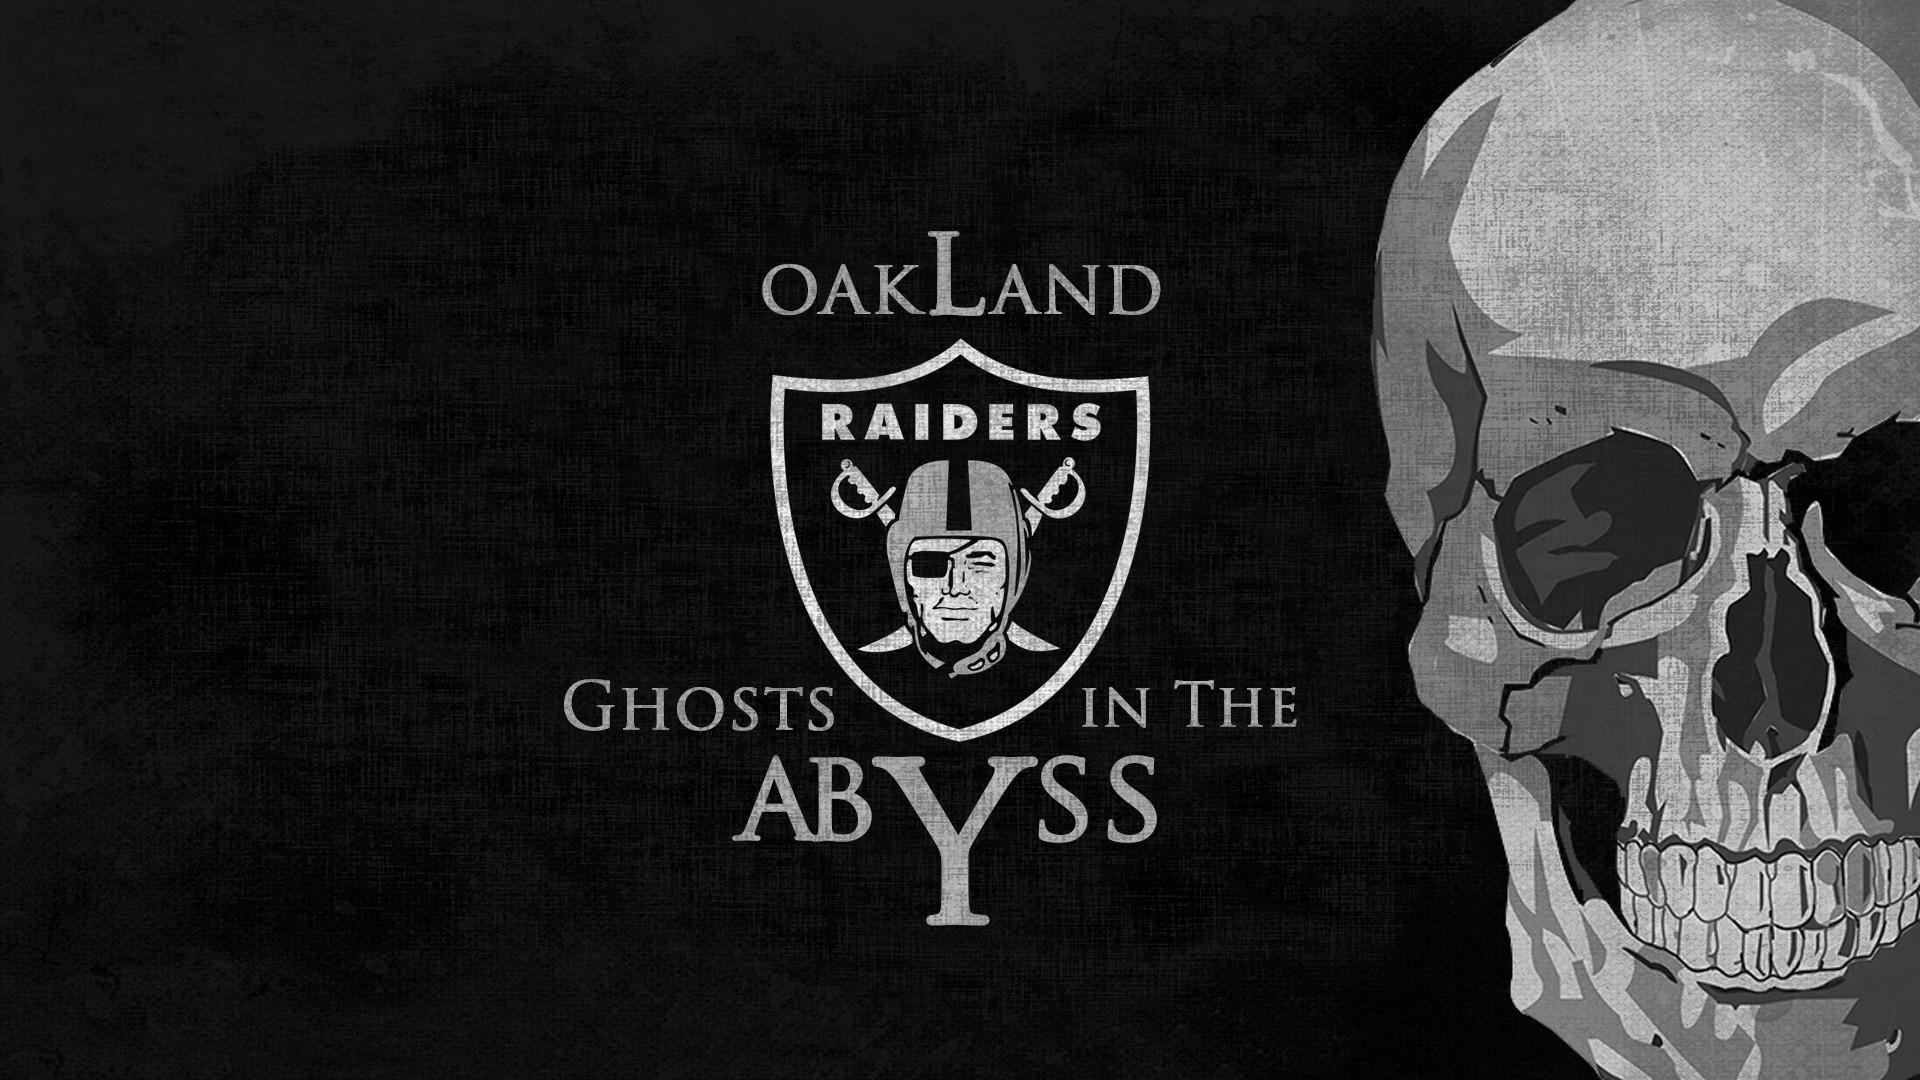 1920x1080 OAKLAND RAIDERS nfl football dark skull wallpaper background